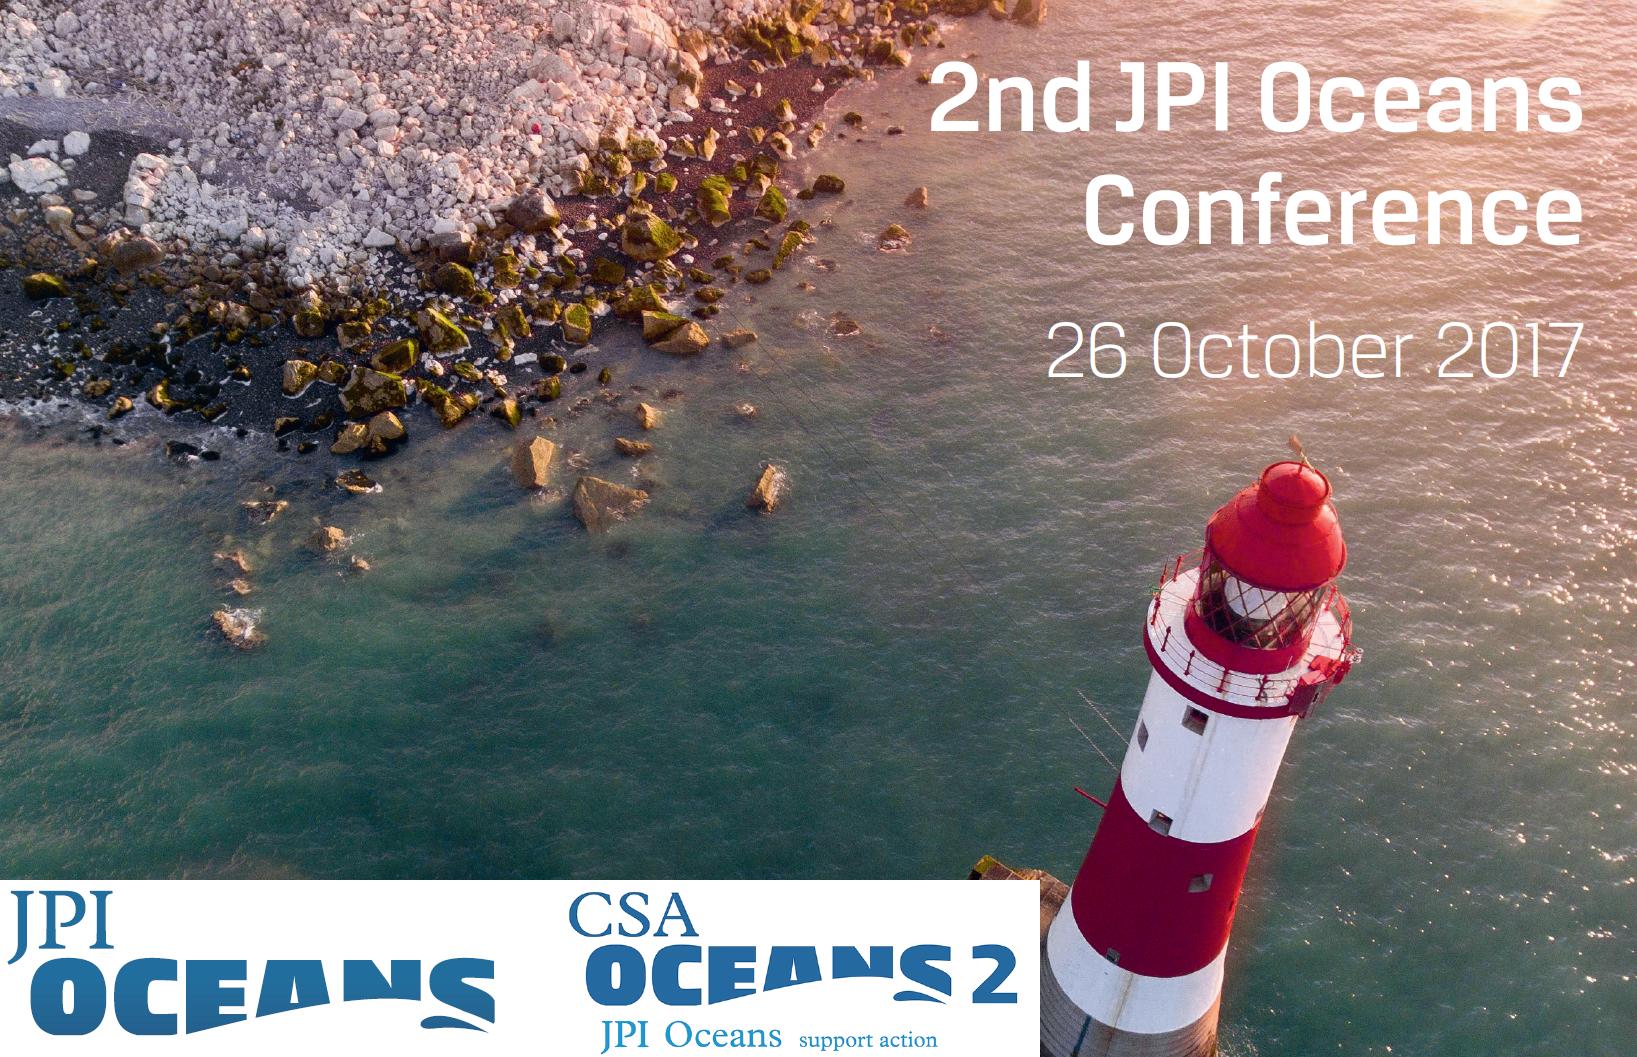 2nd JPI oceans